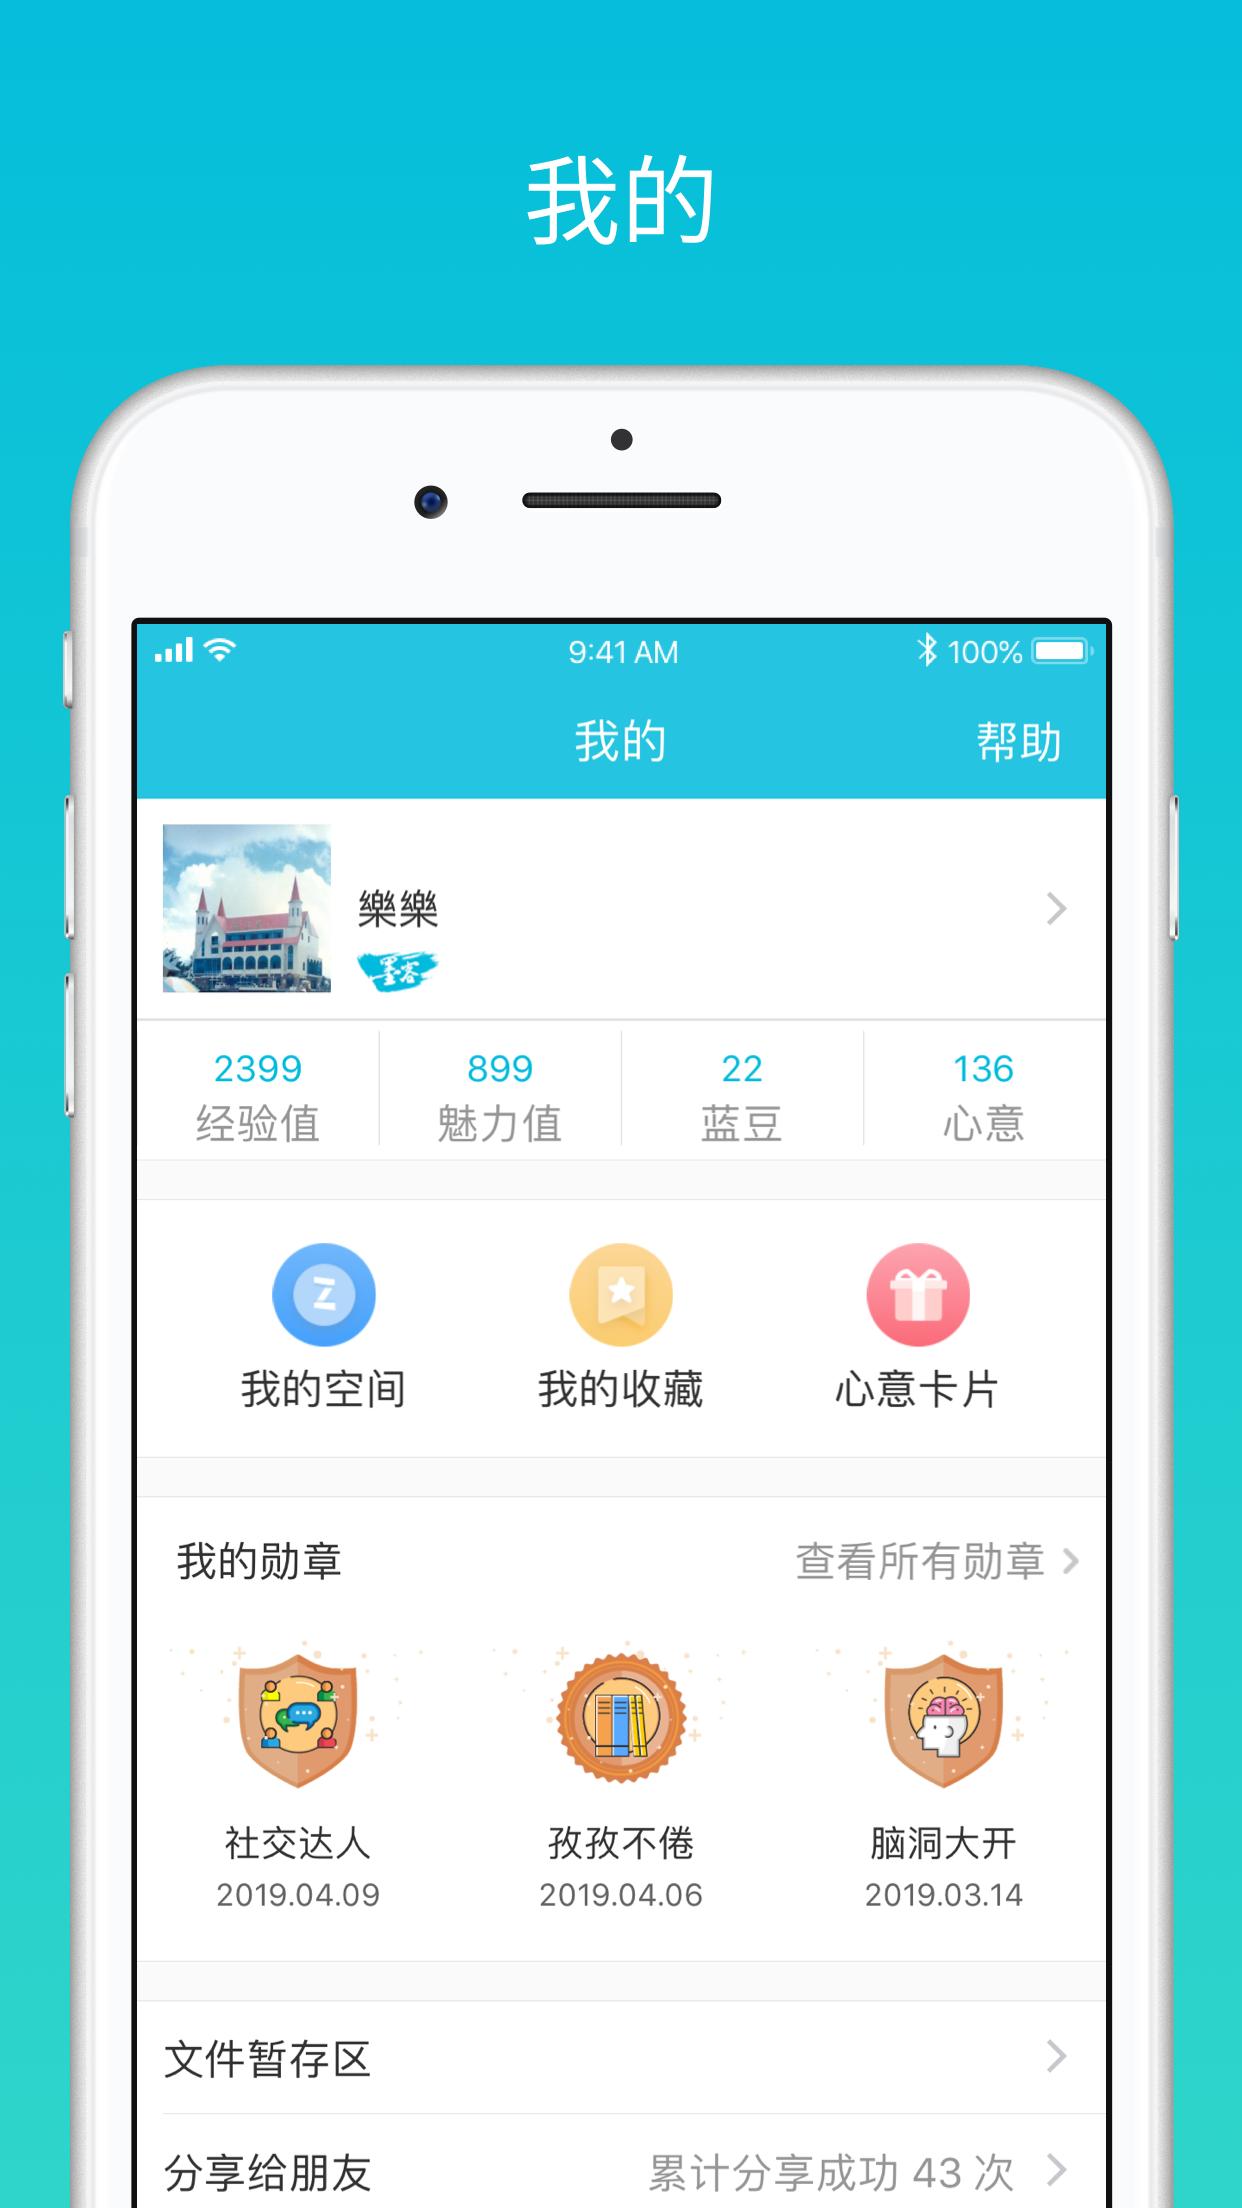 蓝墨云班课,蓝墨云班课app下载,蓝墨云班课苹果下载